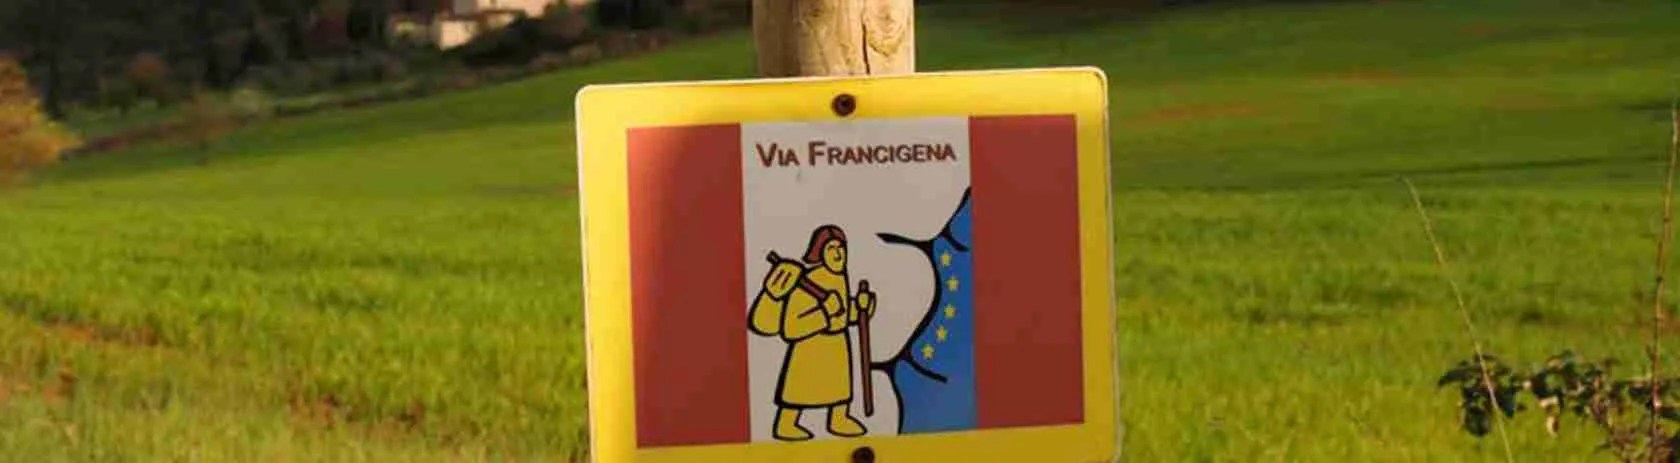 La Via Francigena è una scelta obbligata per le escort Pavia che sono in cerca di relax e romanticismo. Magica Escort